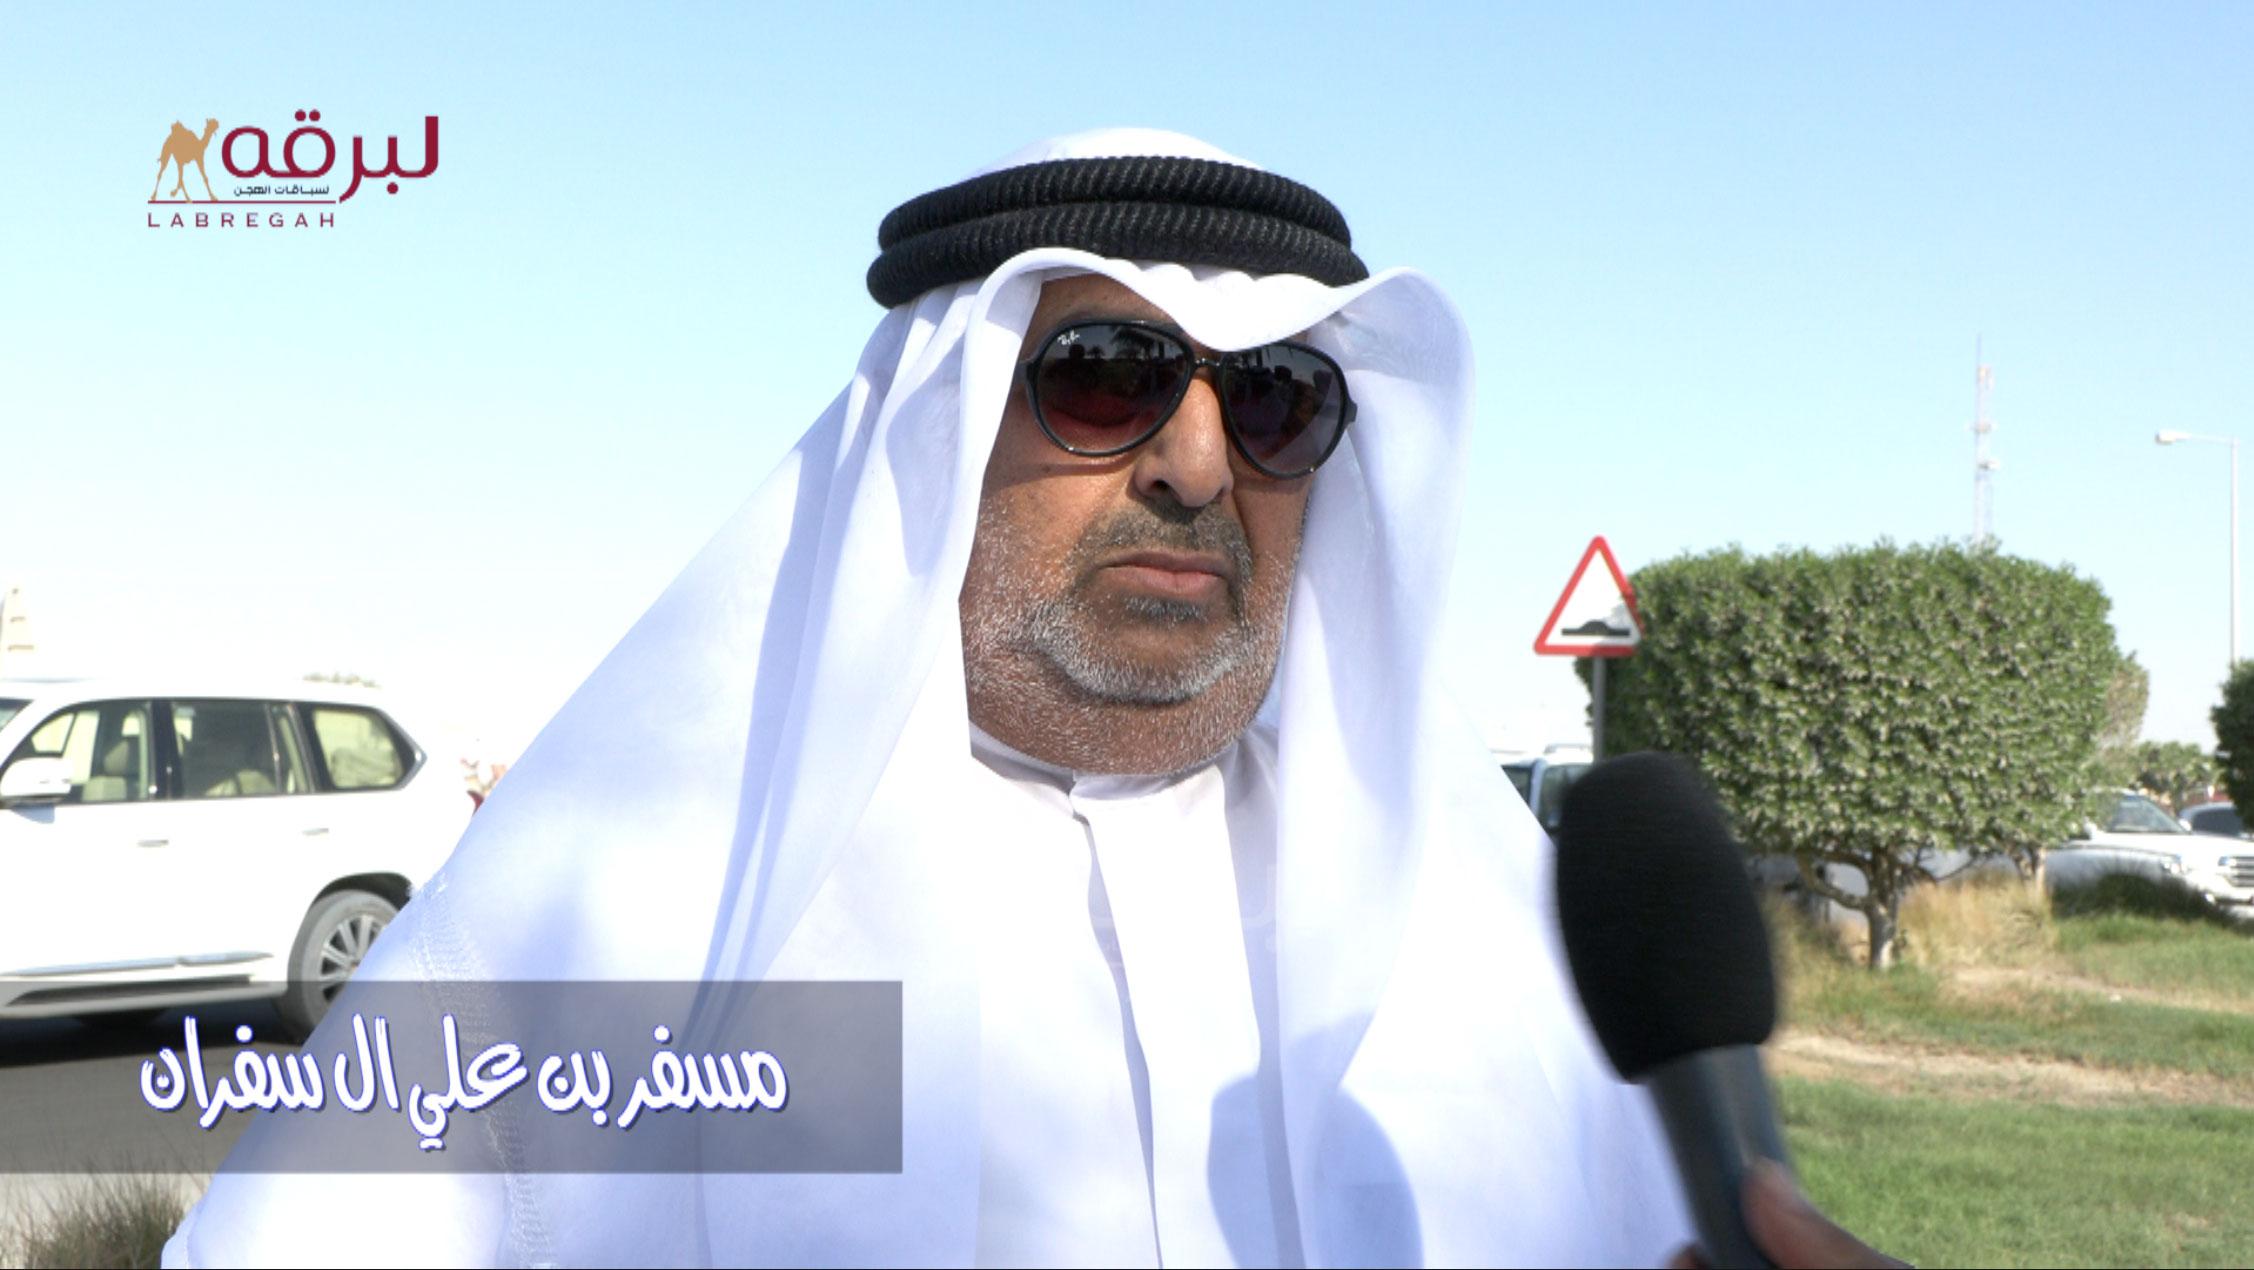 لقاء مع مسفر بن علي ال سفران.. الشوط الرئيسي للثنايا بكار (مفتوح) ميدان الشحانية ٢٤-٩-٢٠٢١